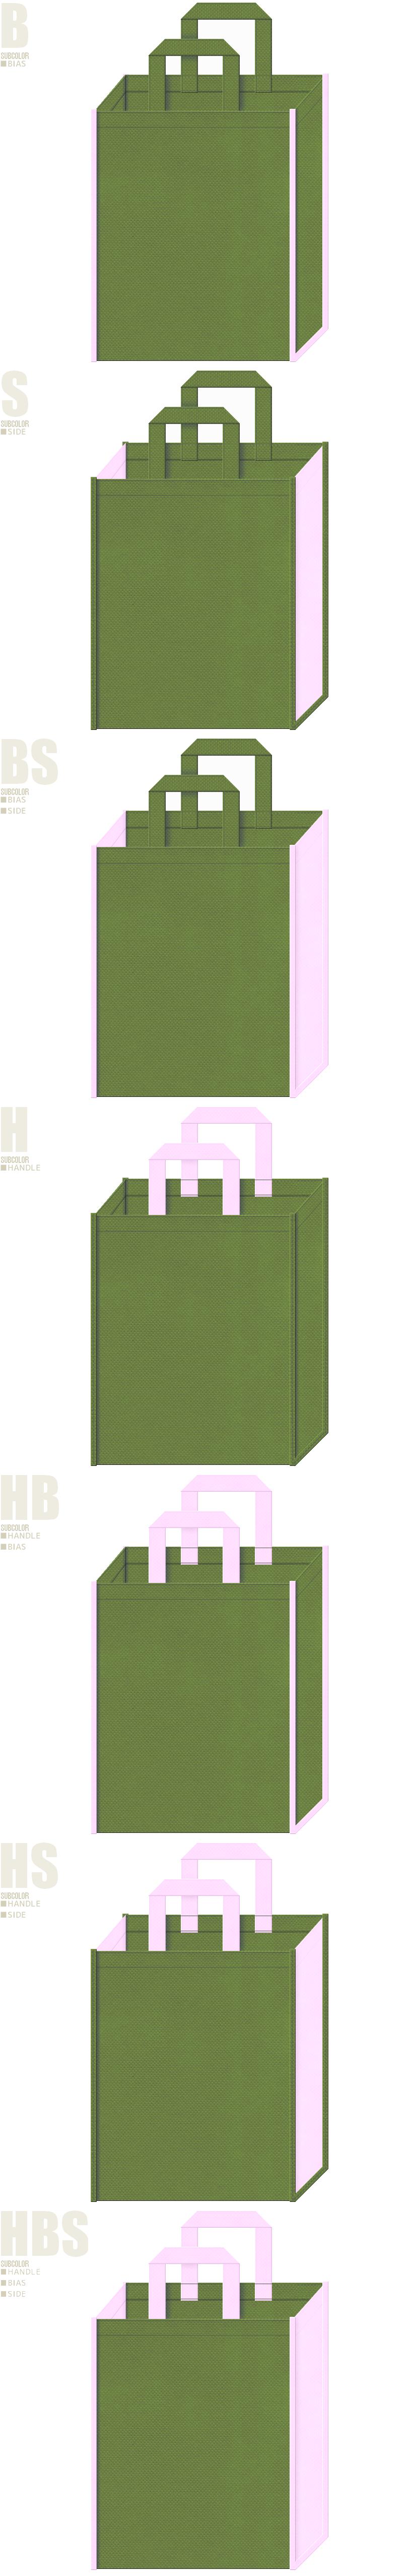 桜餅・三色団子・抹茶・和菓子・和風催事にお奨めの不織布バッグのデザイン:草色と明るいピンク色の配色7パターン